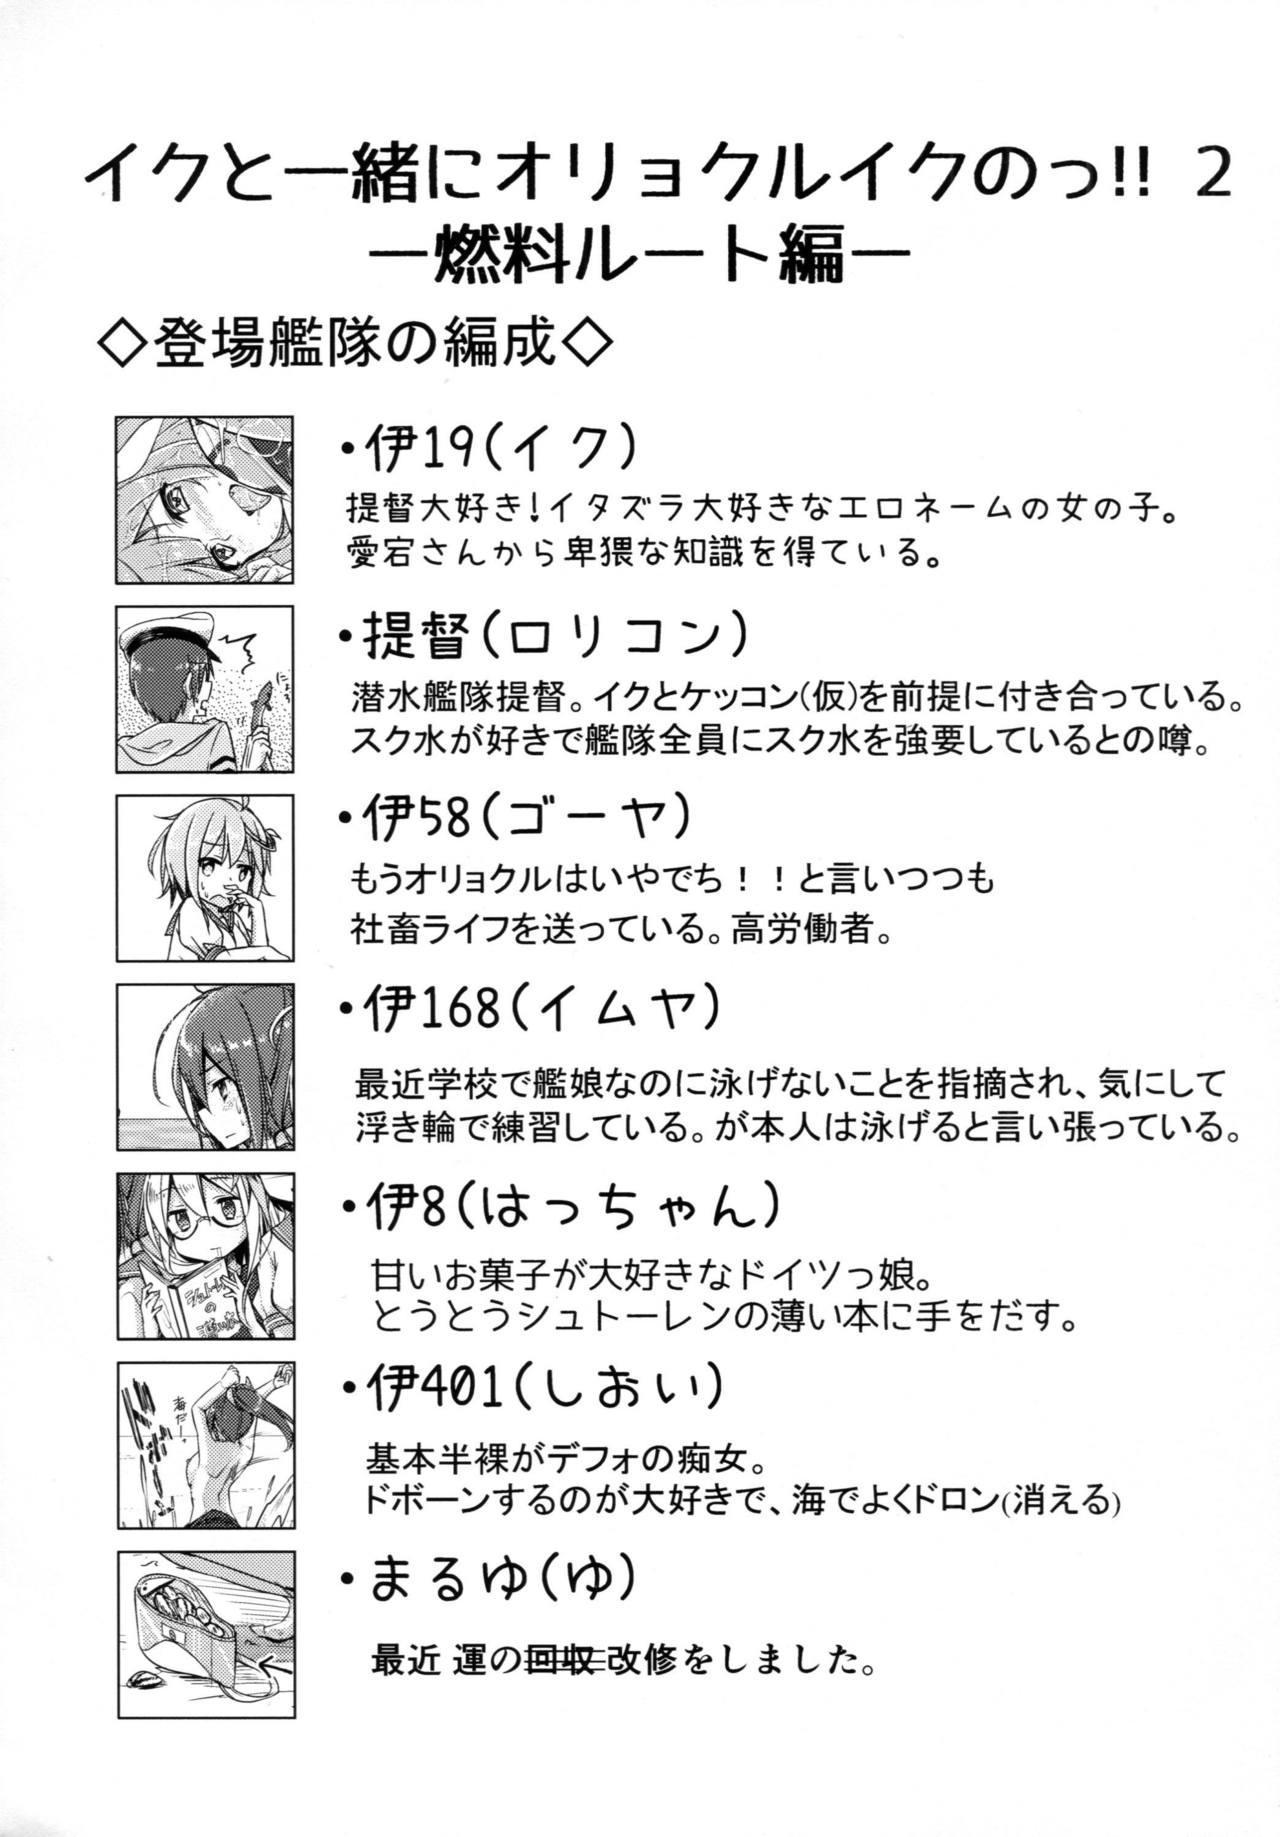 Iku to isshoni  Oryokuru Iku no!! 2 2